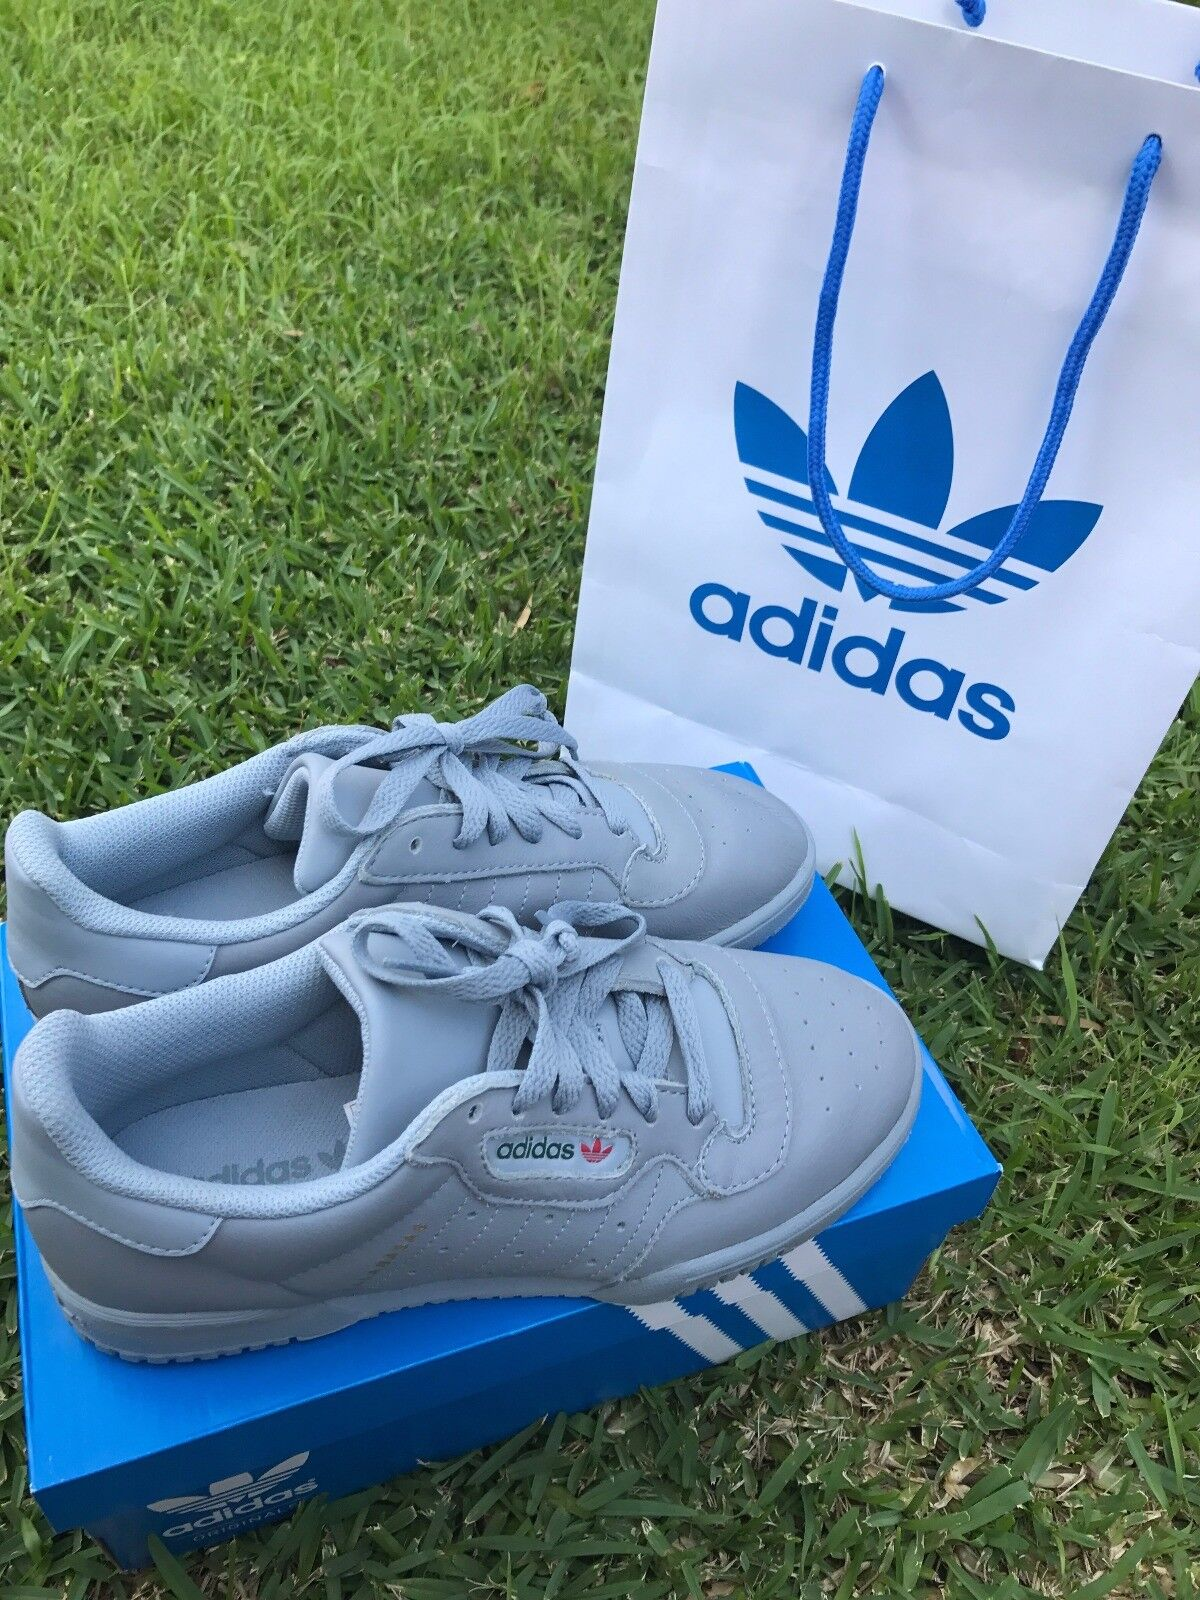 Adidas Yeezy Powerphase Grey - Size 5.5